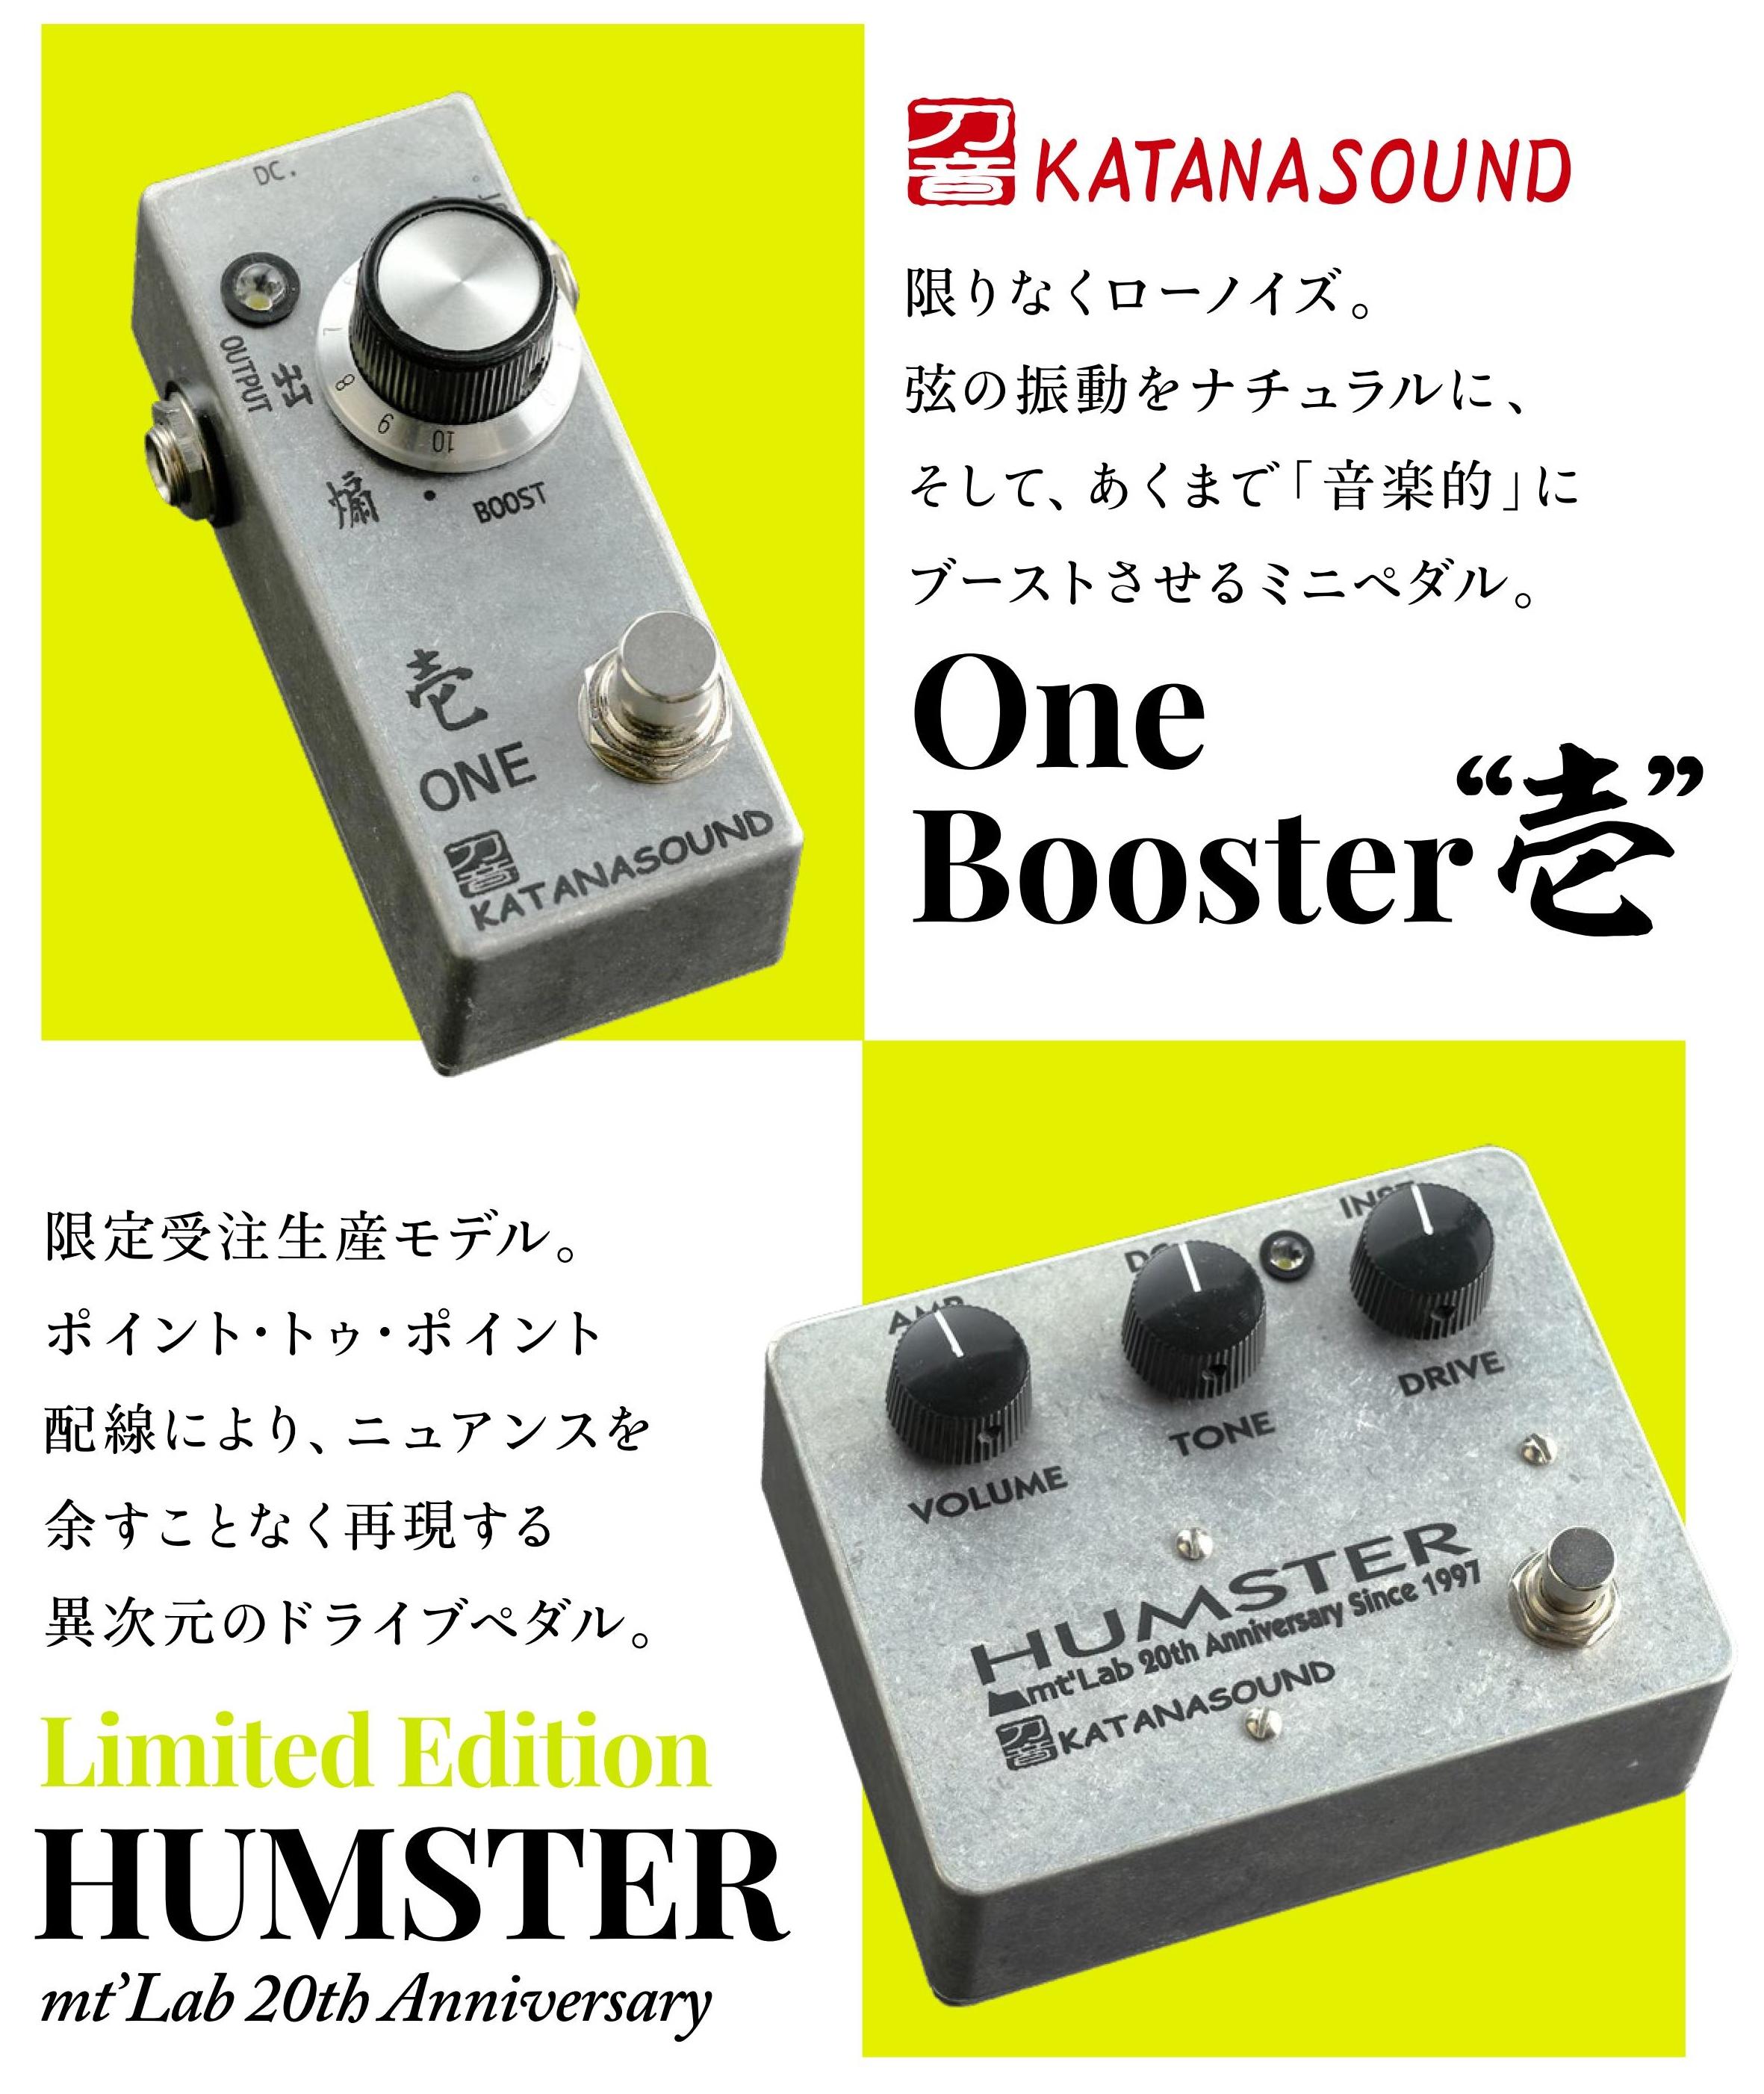 one-booster_humster-%e3%82%b3%e3%83%94%e3%83%bc